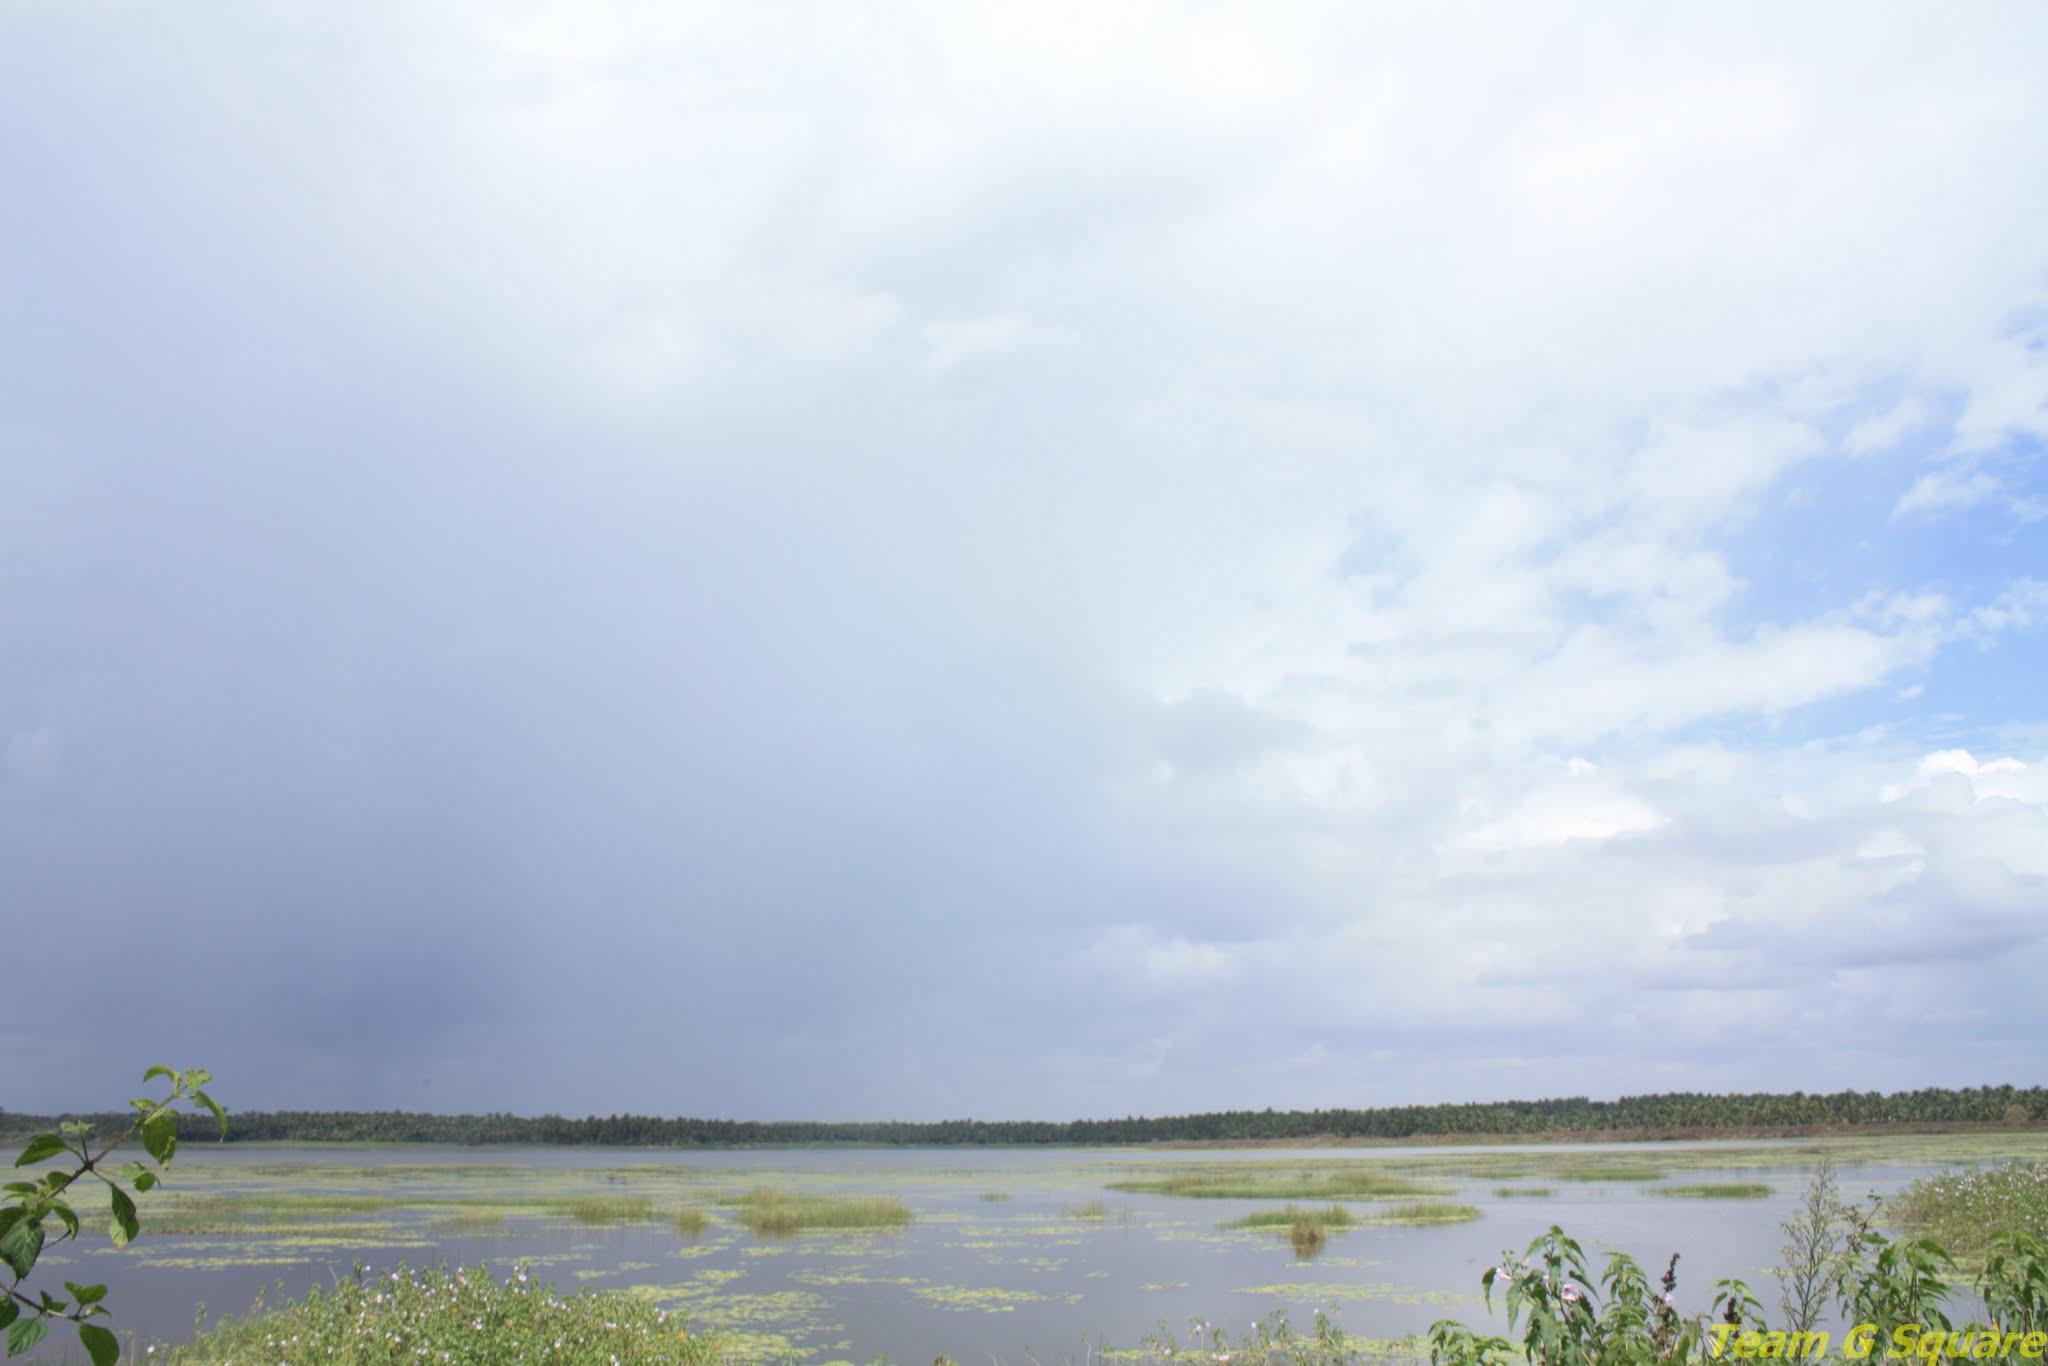 Dindagur Lake